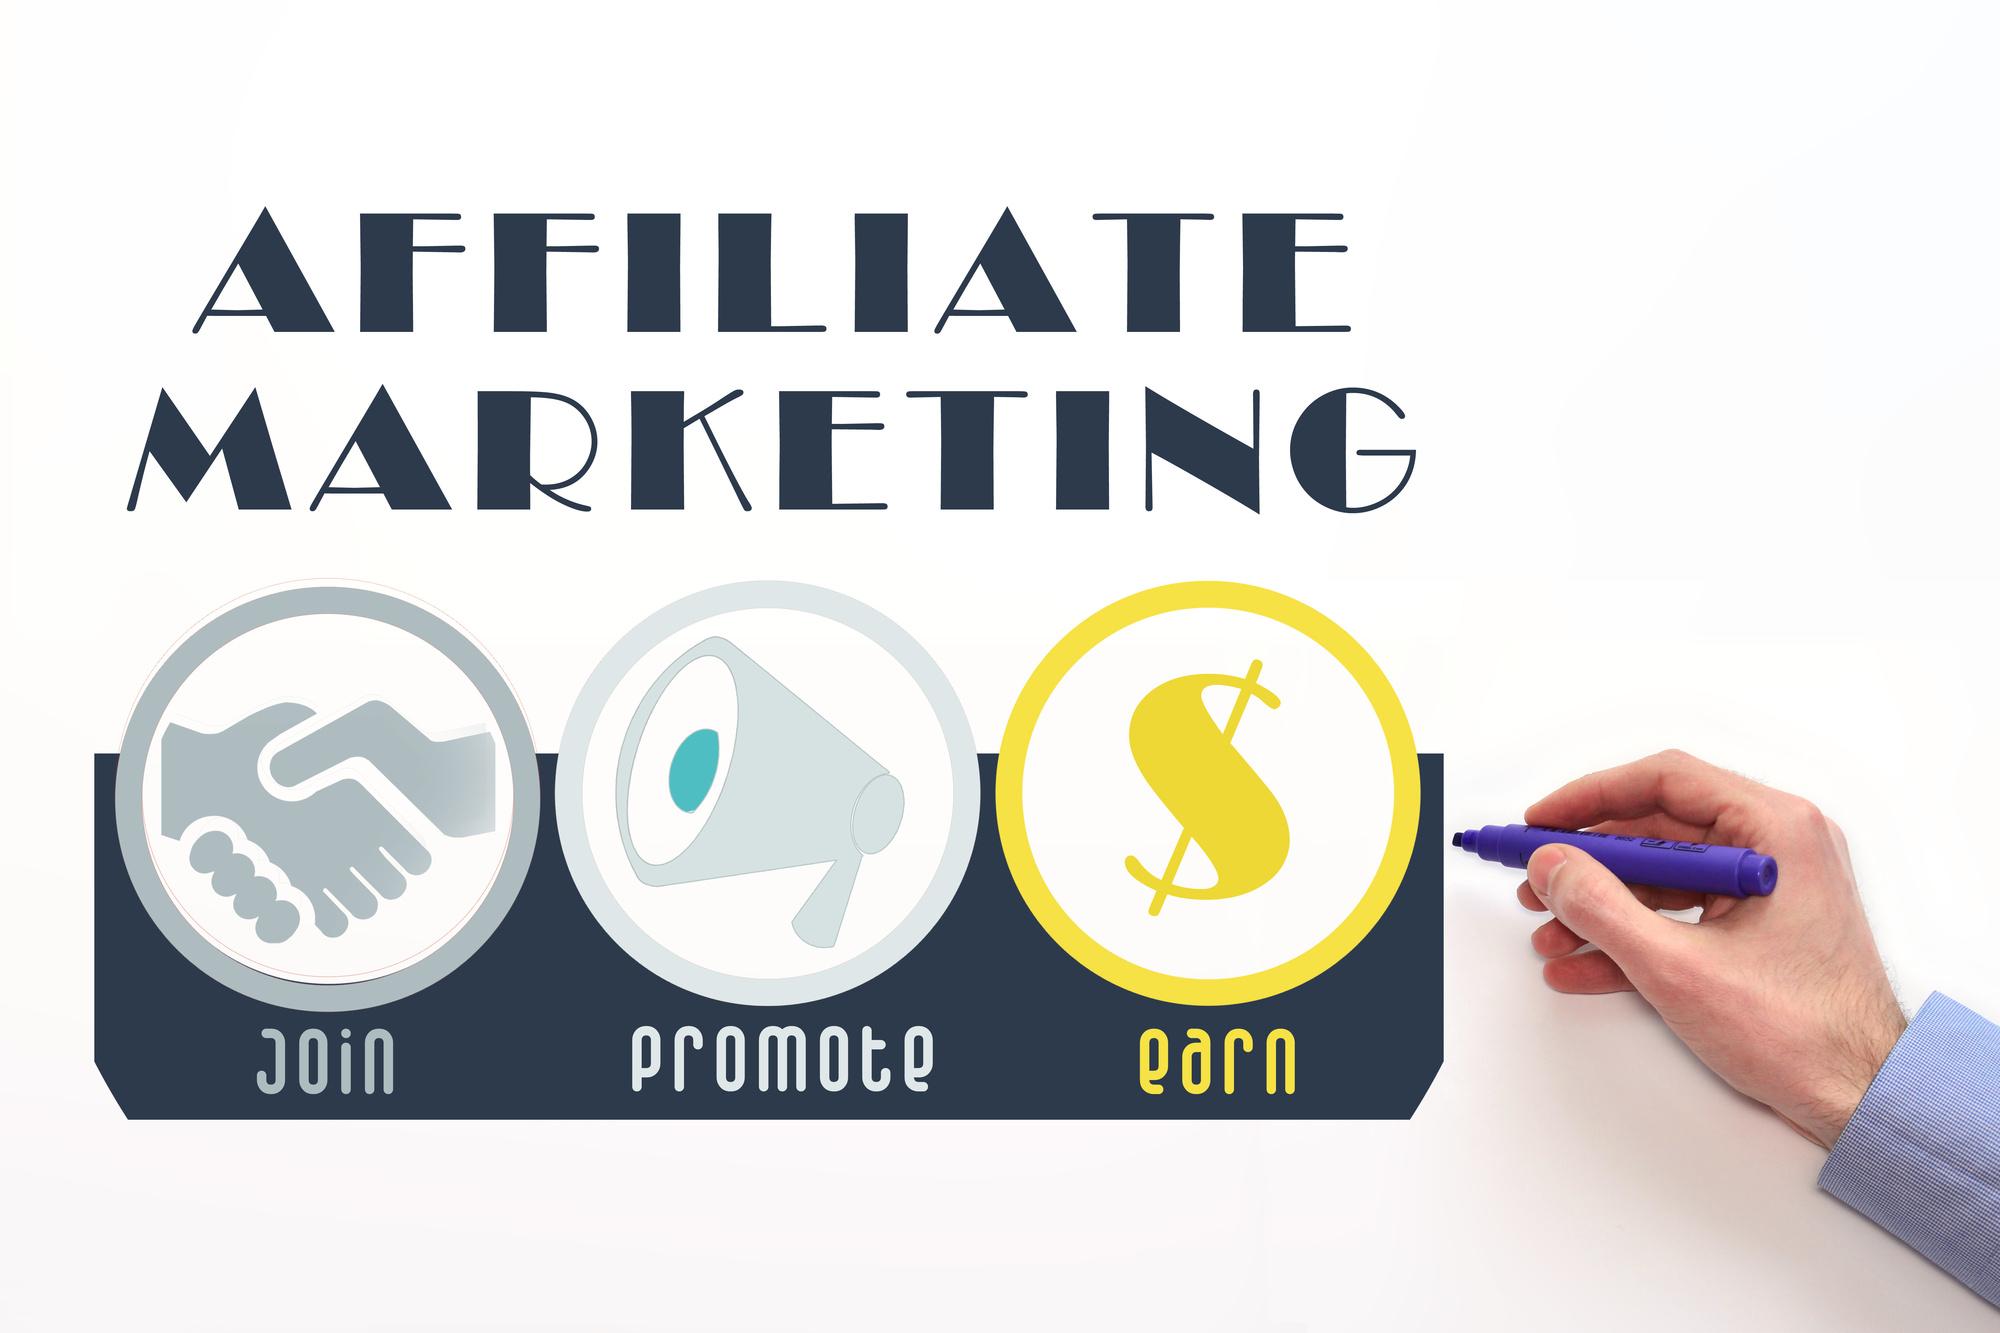 Affiliate Marketing Visualized